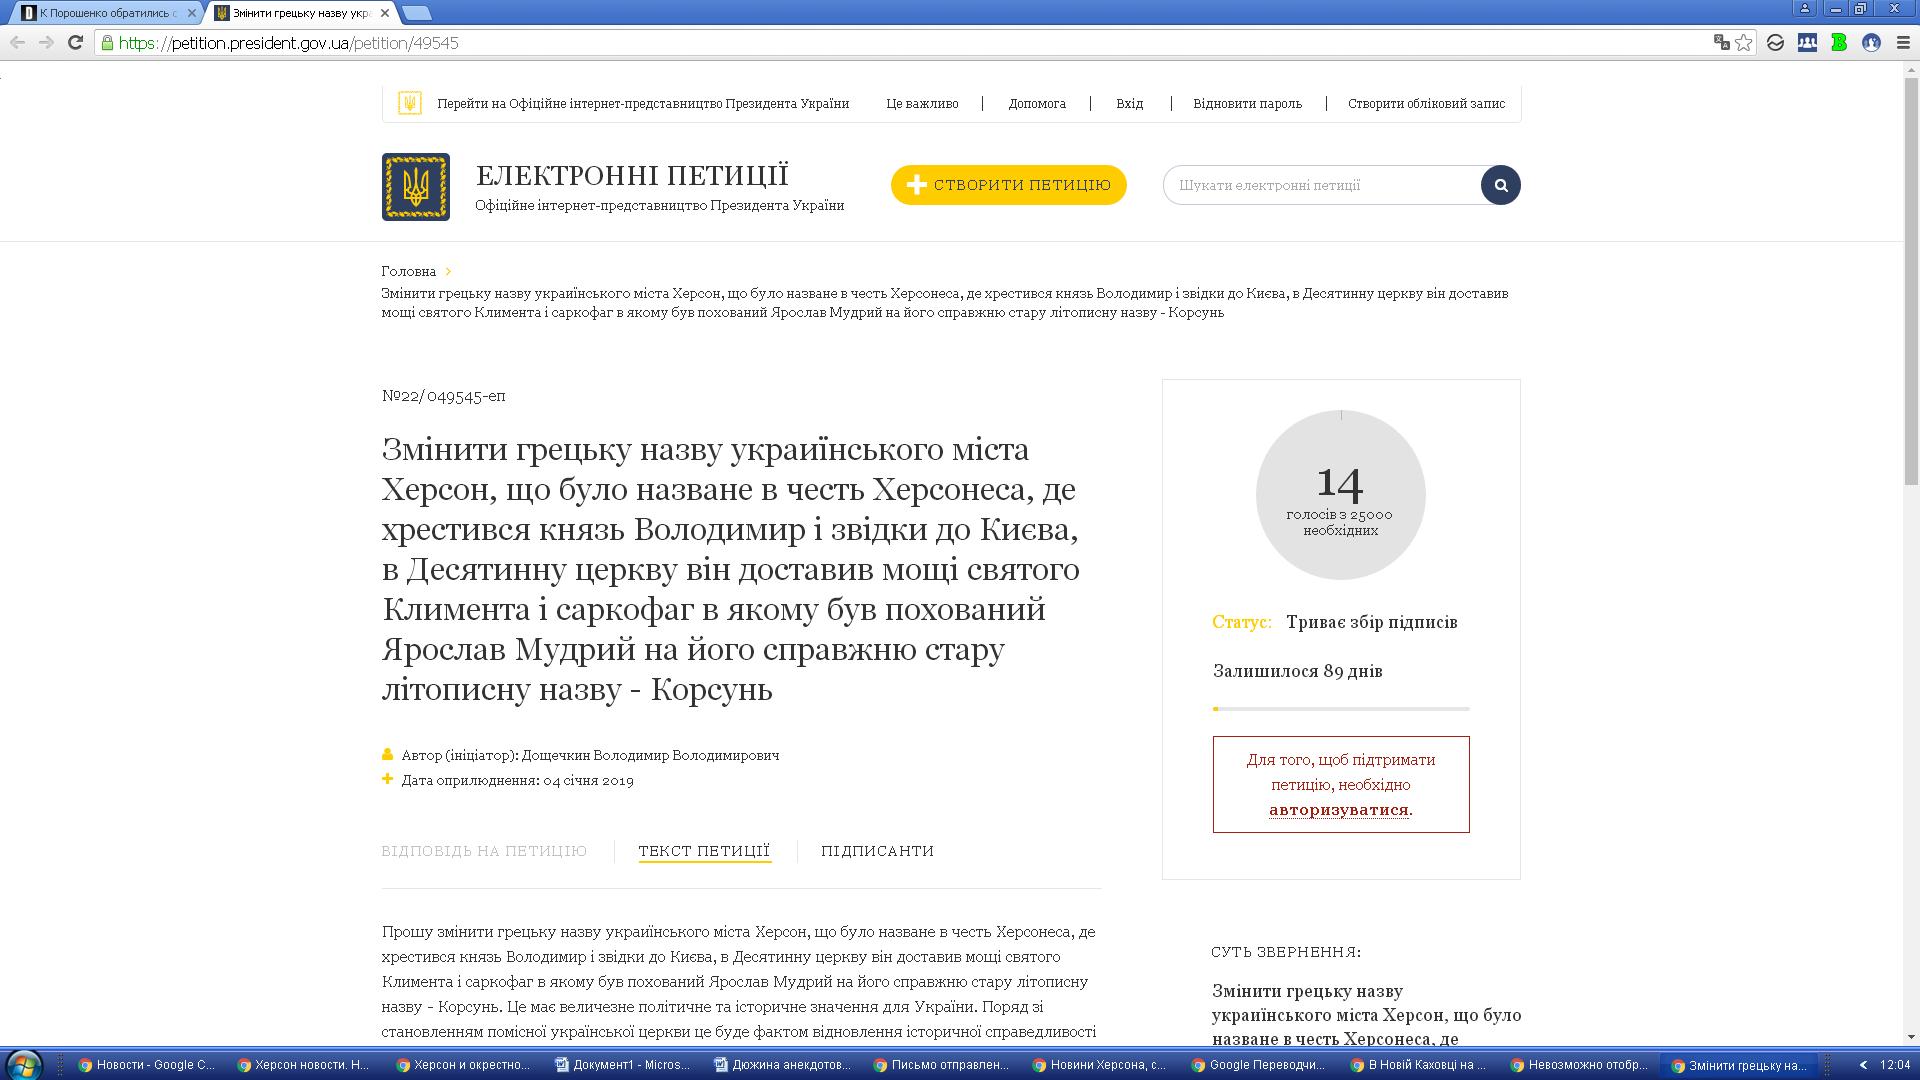 К Порошенко обратились с петицией переименовать Херсон